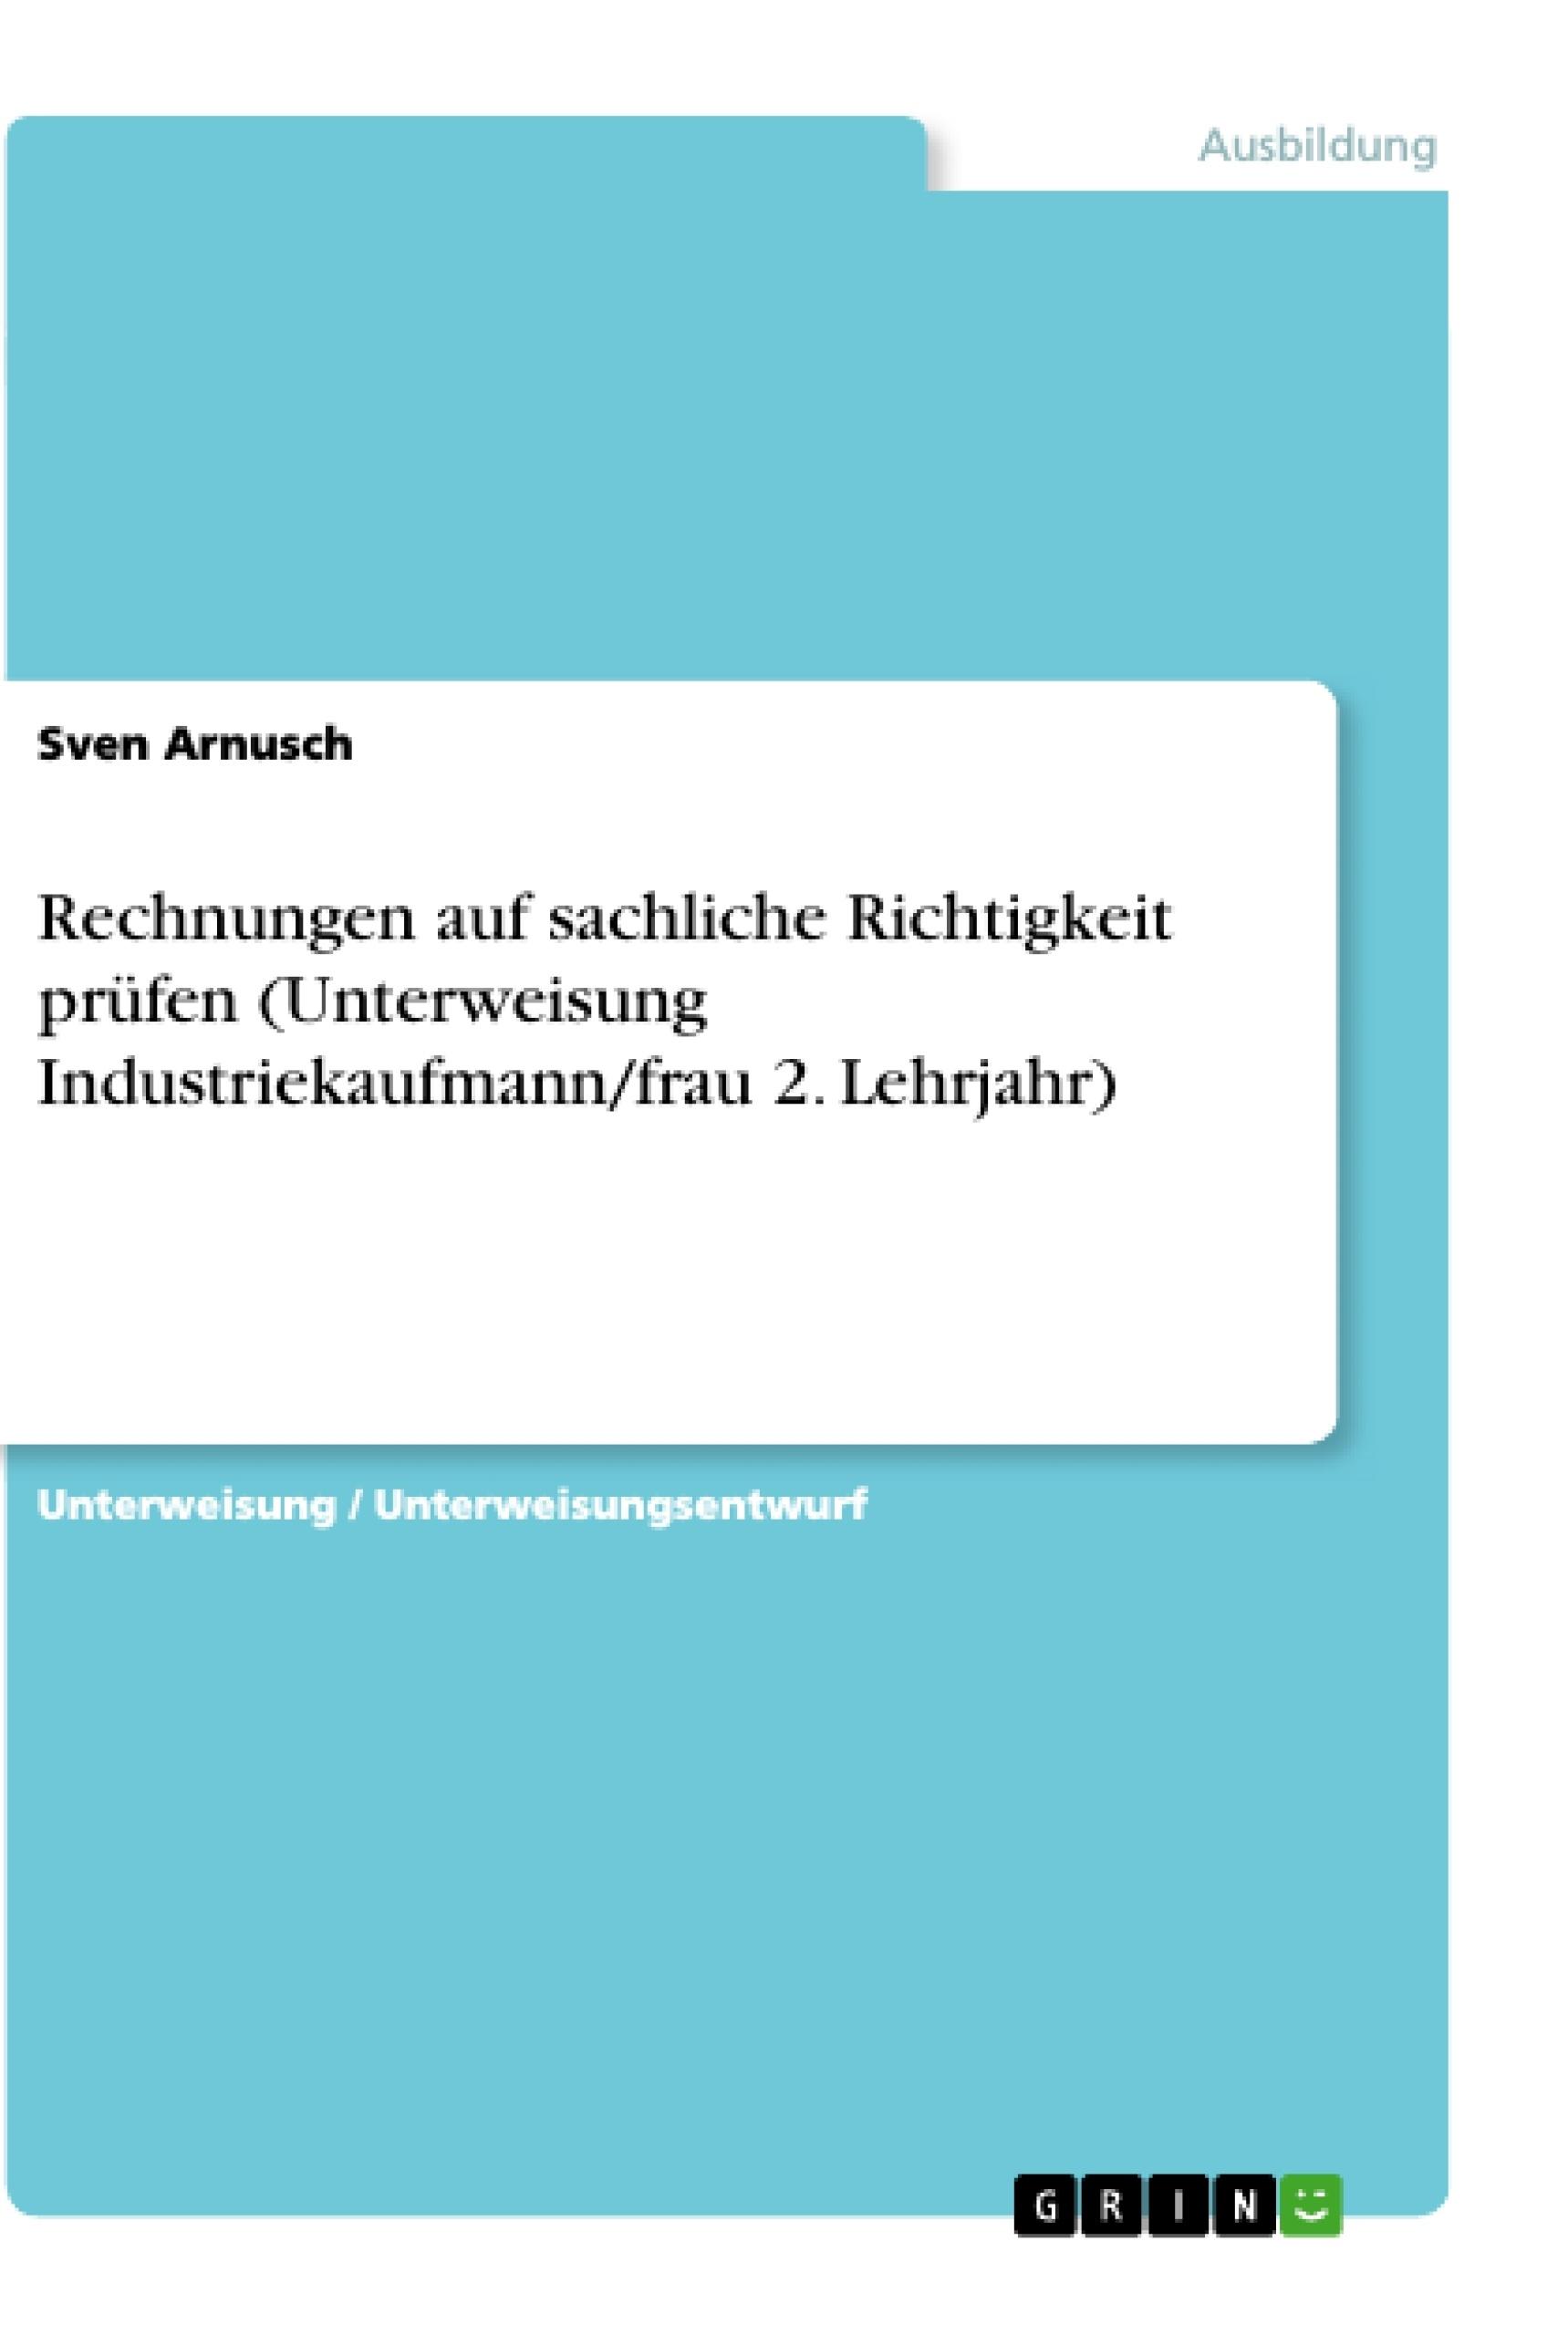 Titel: Rechnungen auf sachliche Richtigkeit prüfen (Unterweisung Industriekaufmann/frau 2. Lehrjahr)